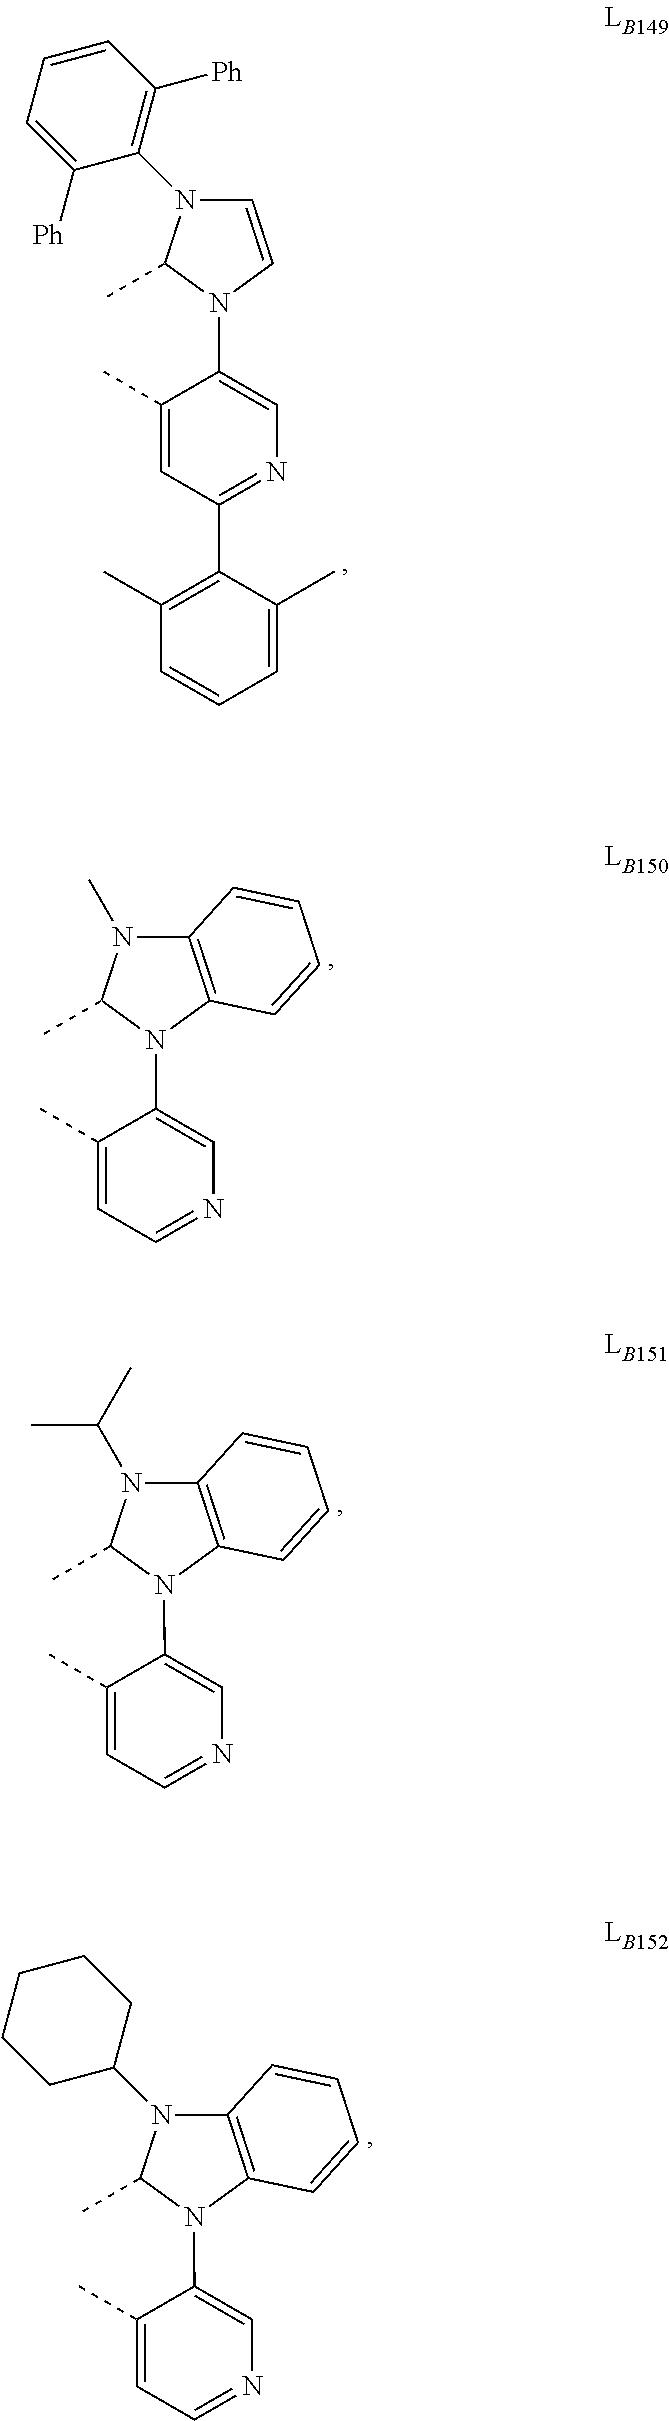 Figure US09905785-20180227-C00137